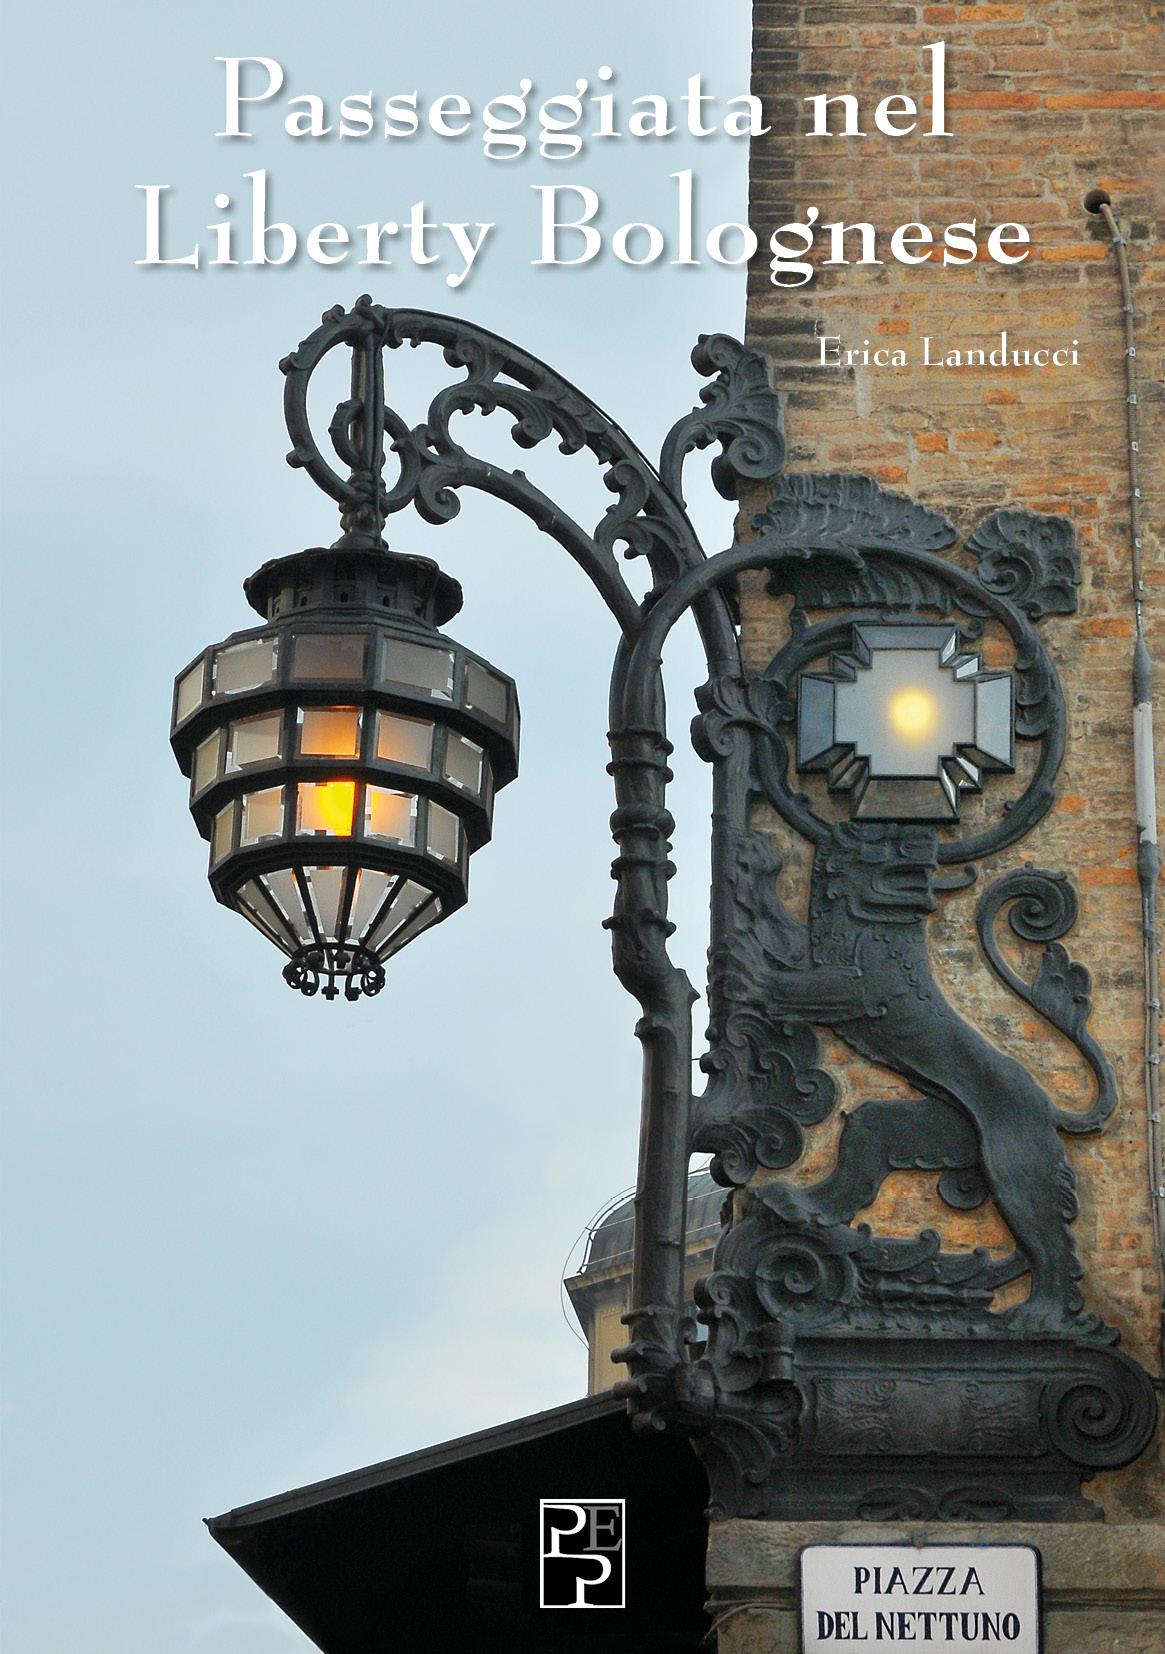 Passeggiata nel Liberty Bolognese